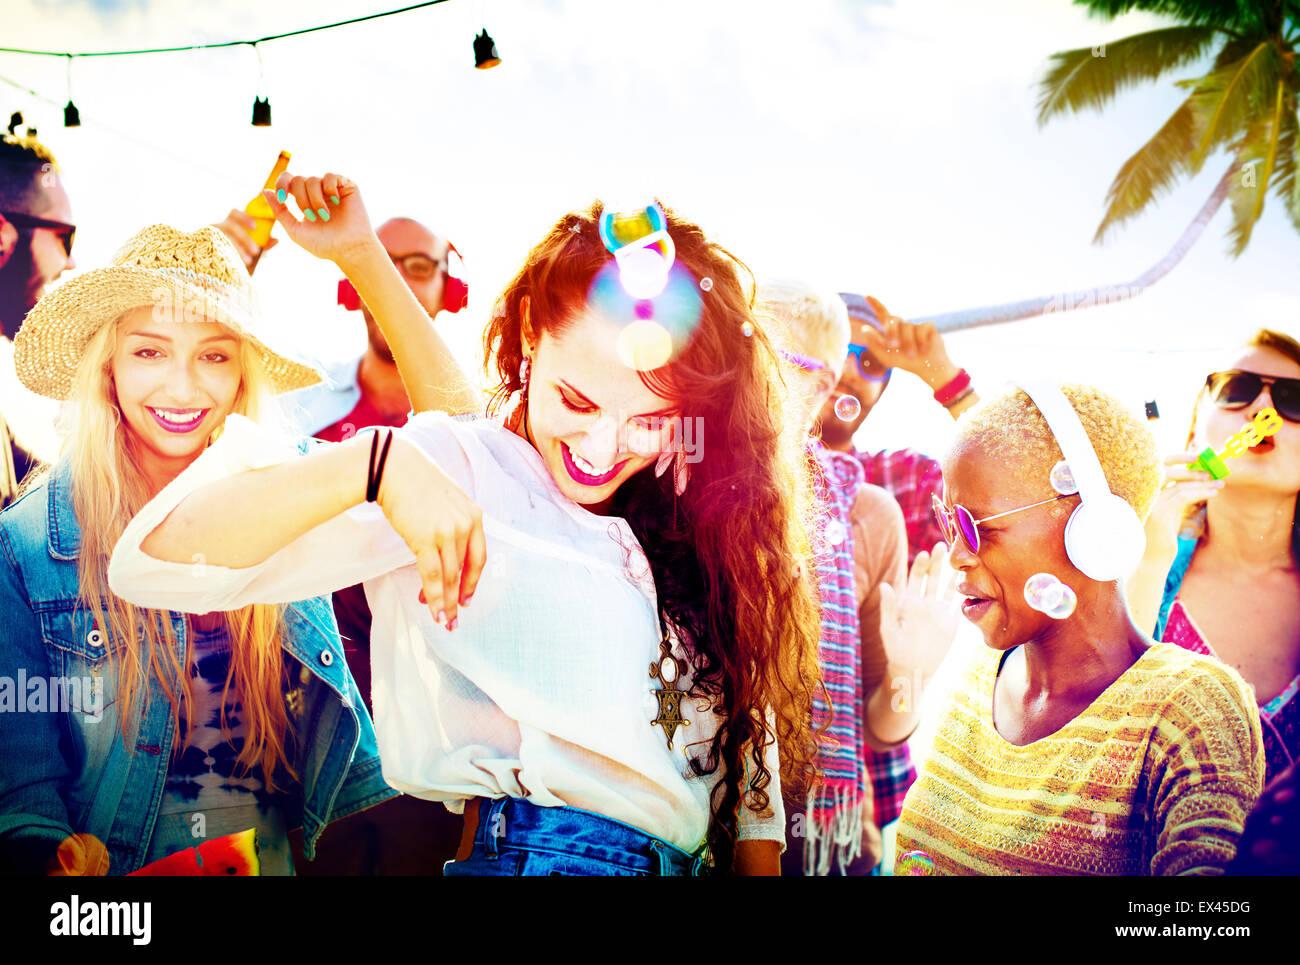 Freundschaft tanzen Bonding Strand Glück freudiger Konzept Stockbild